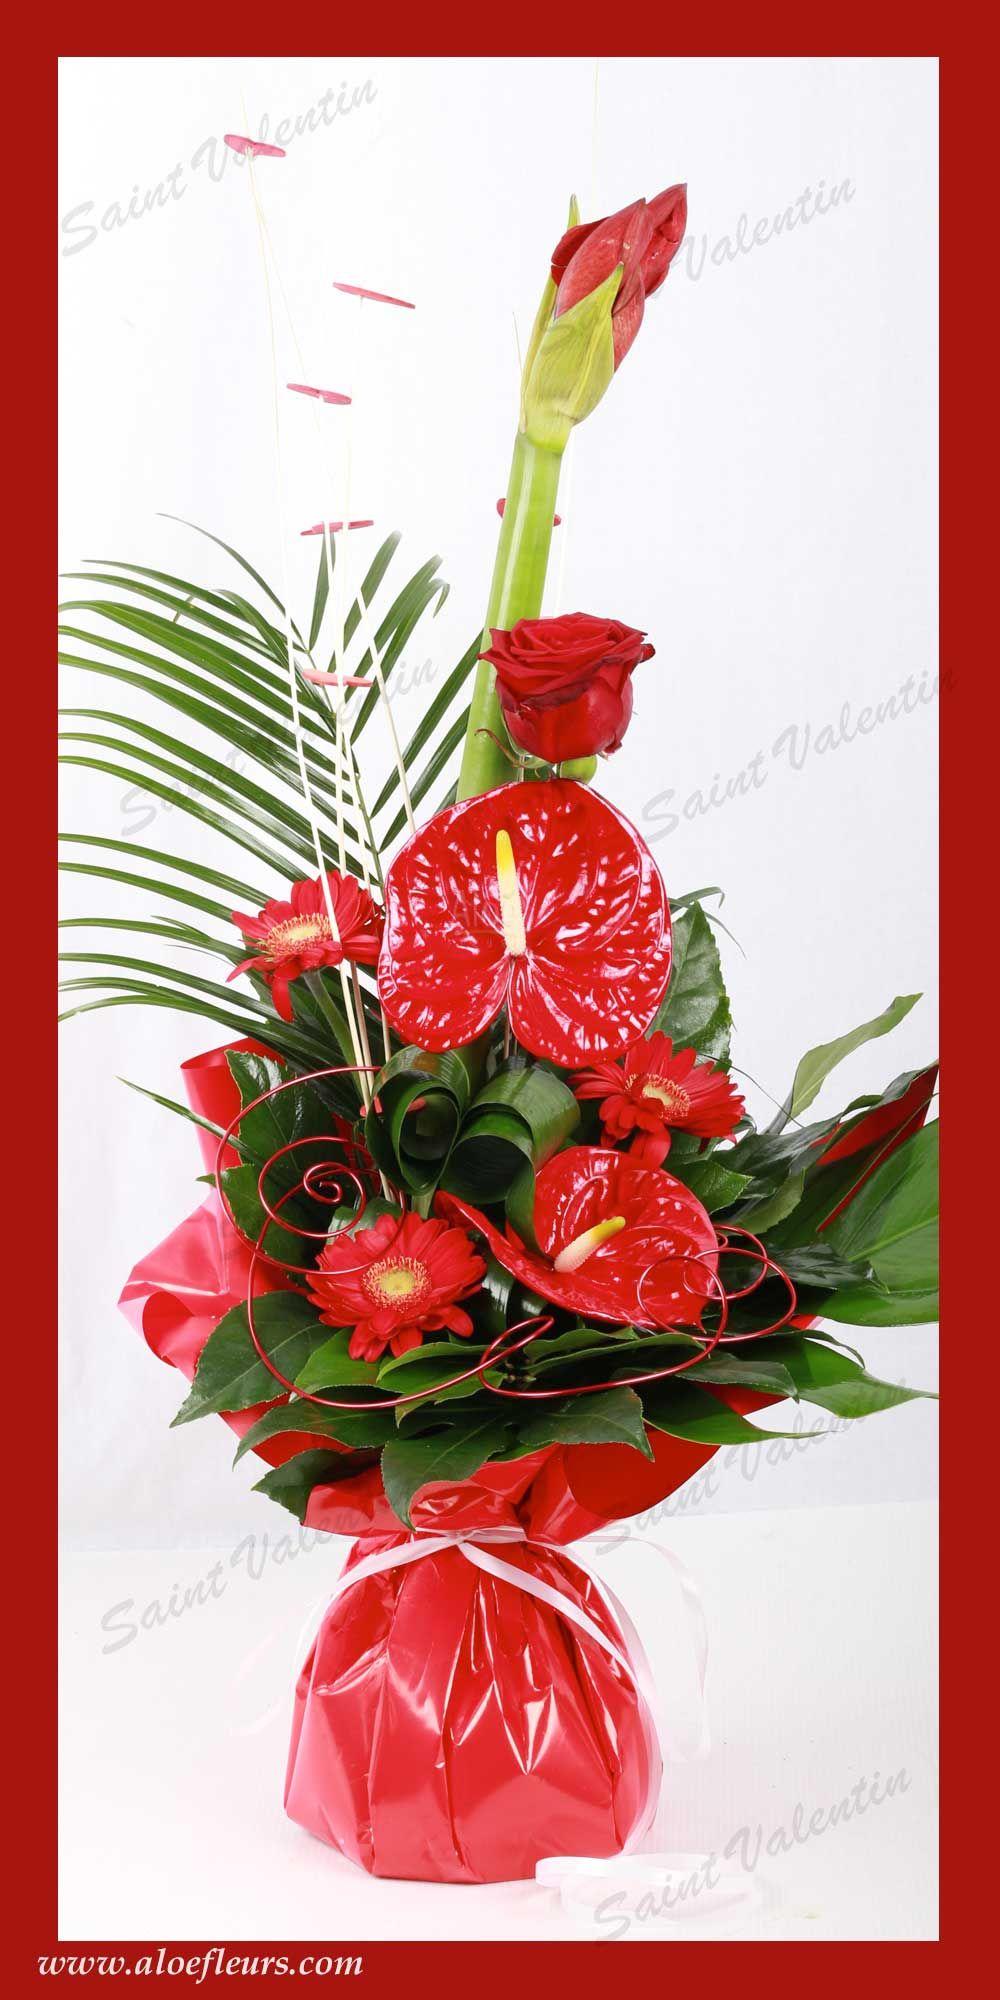 saisons – l'art floral pour la saint valentin | collection saint